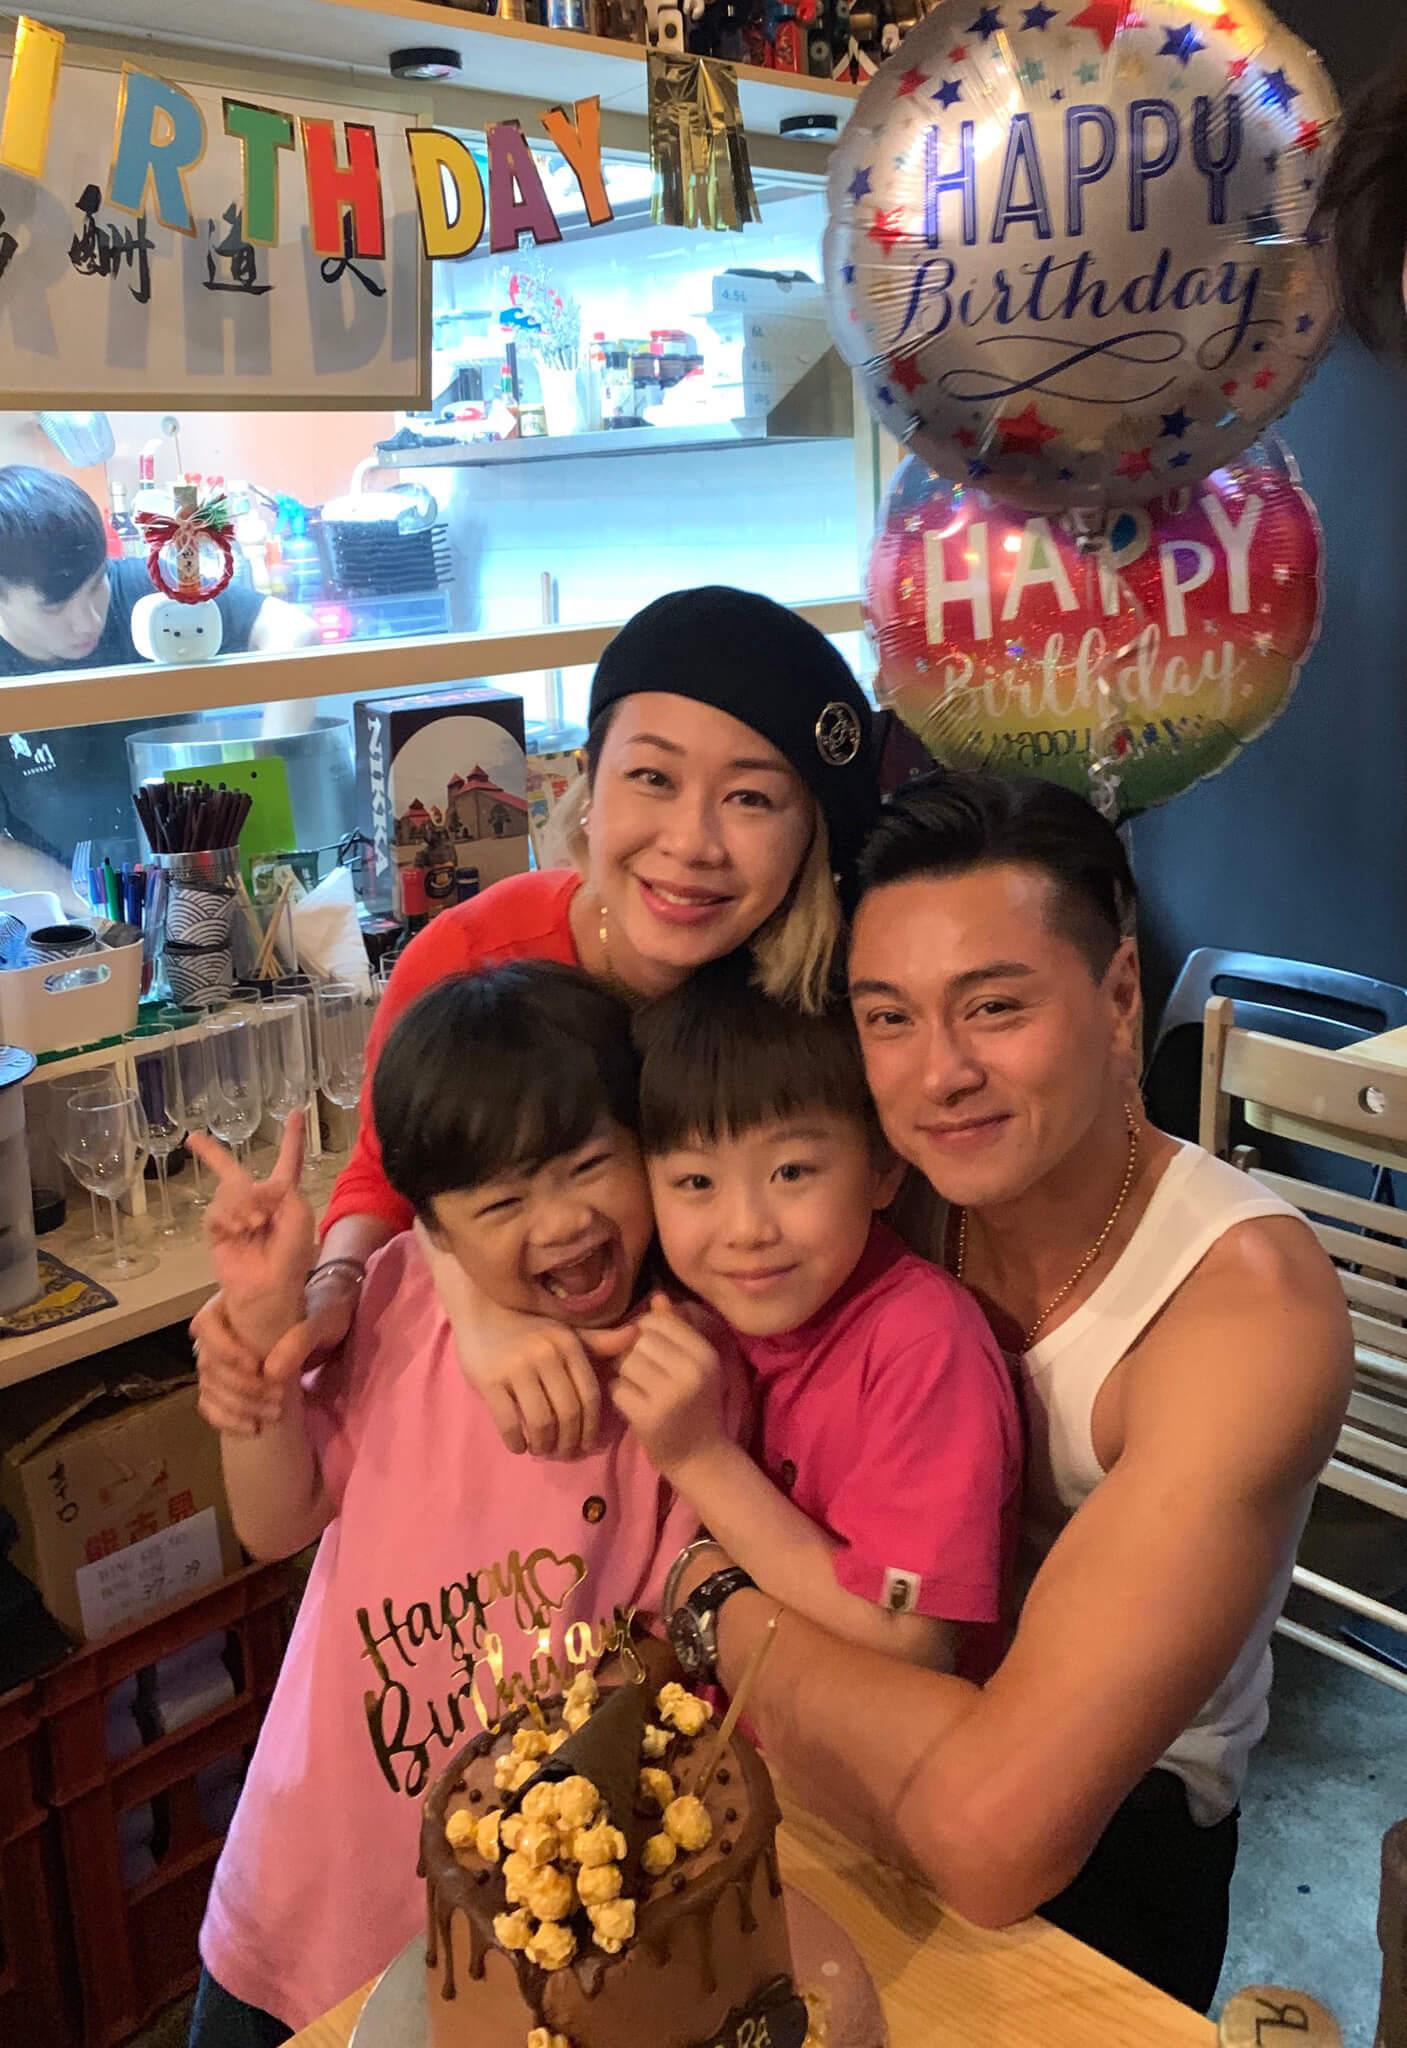 一家四口早前去到台灣旅行慶祝結婚十四周年,享受家庭樂。